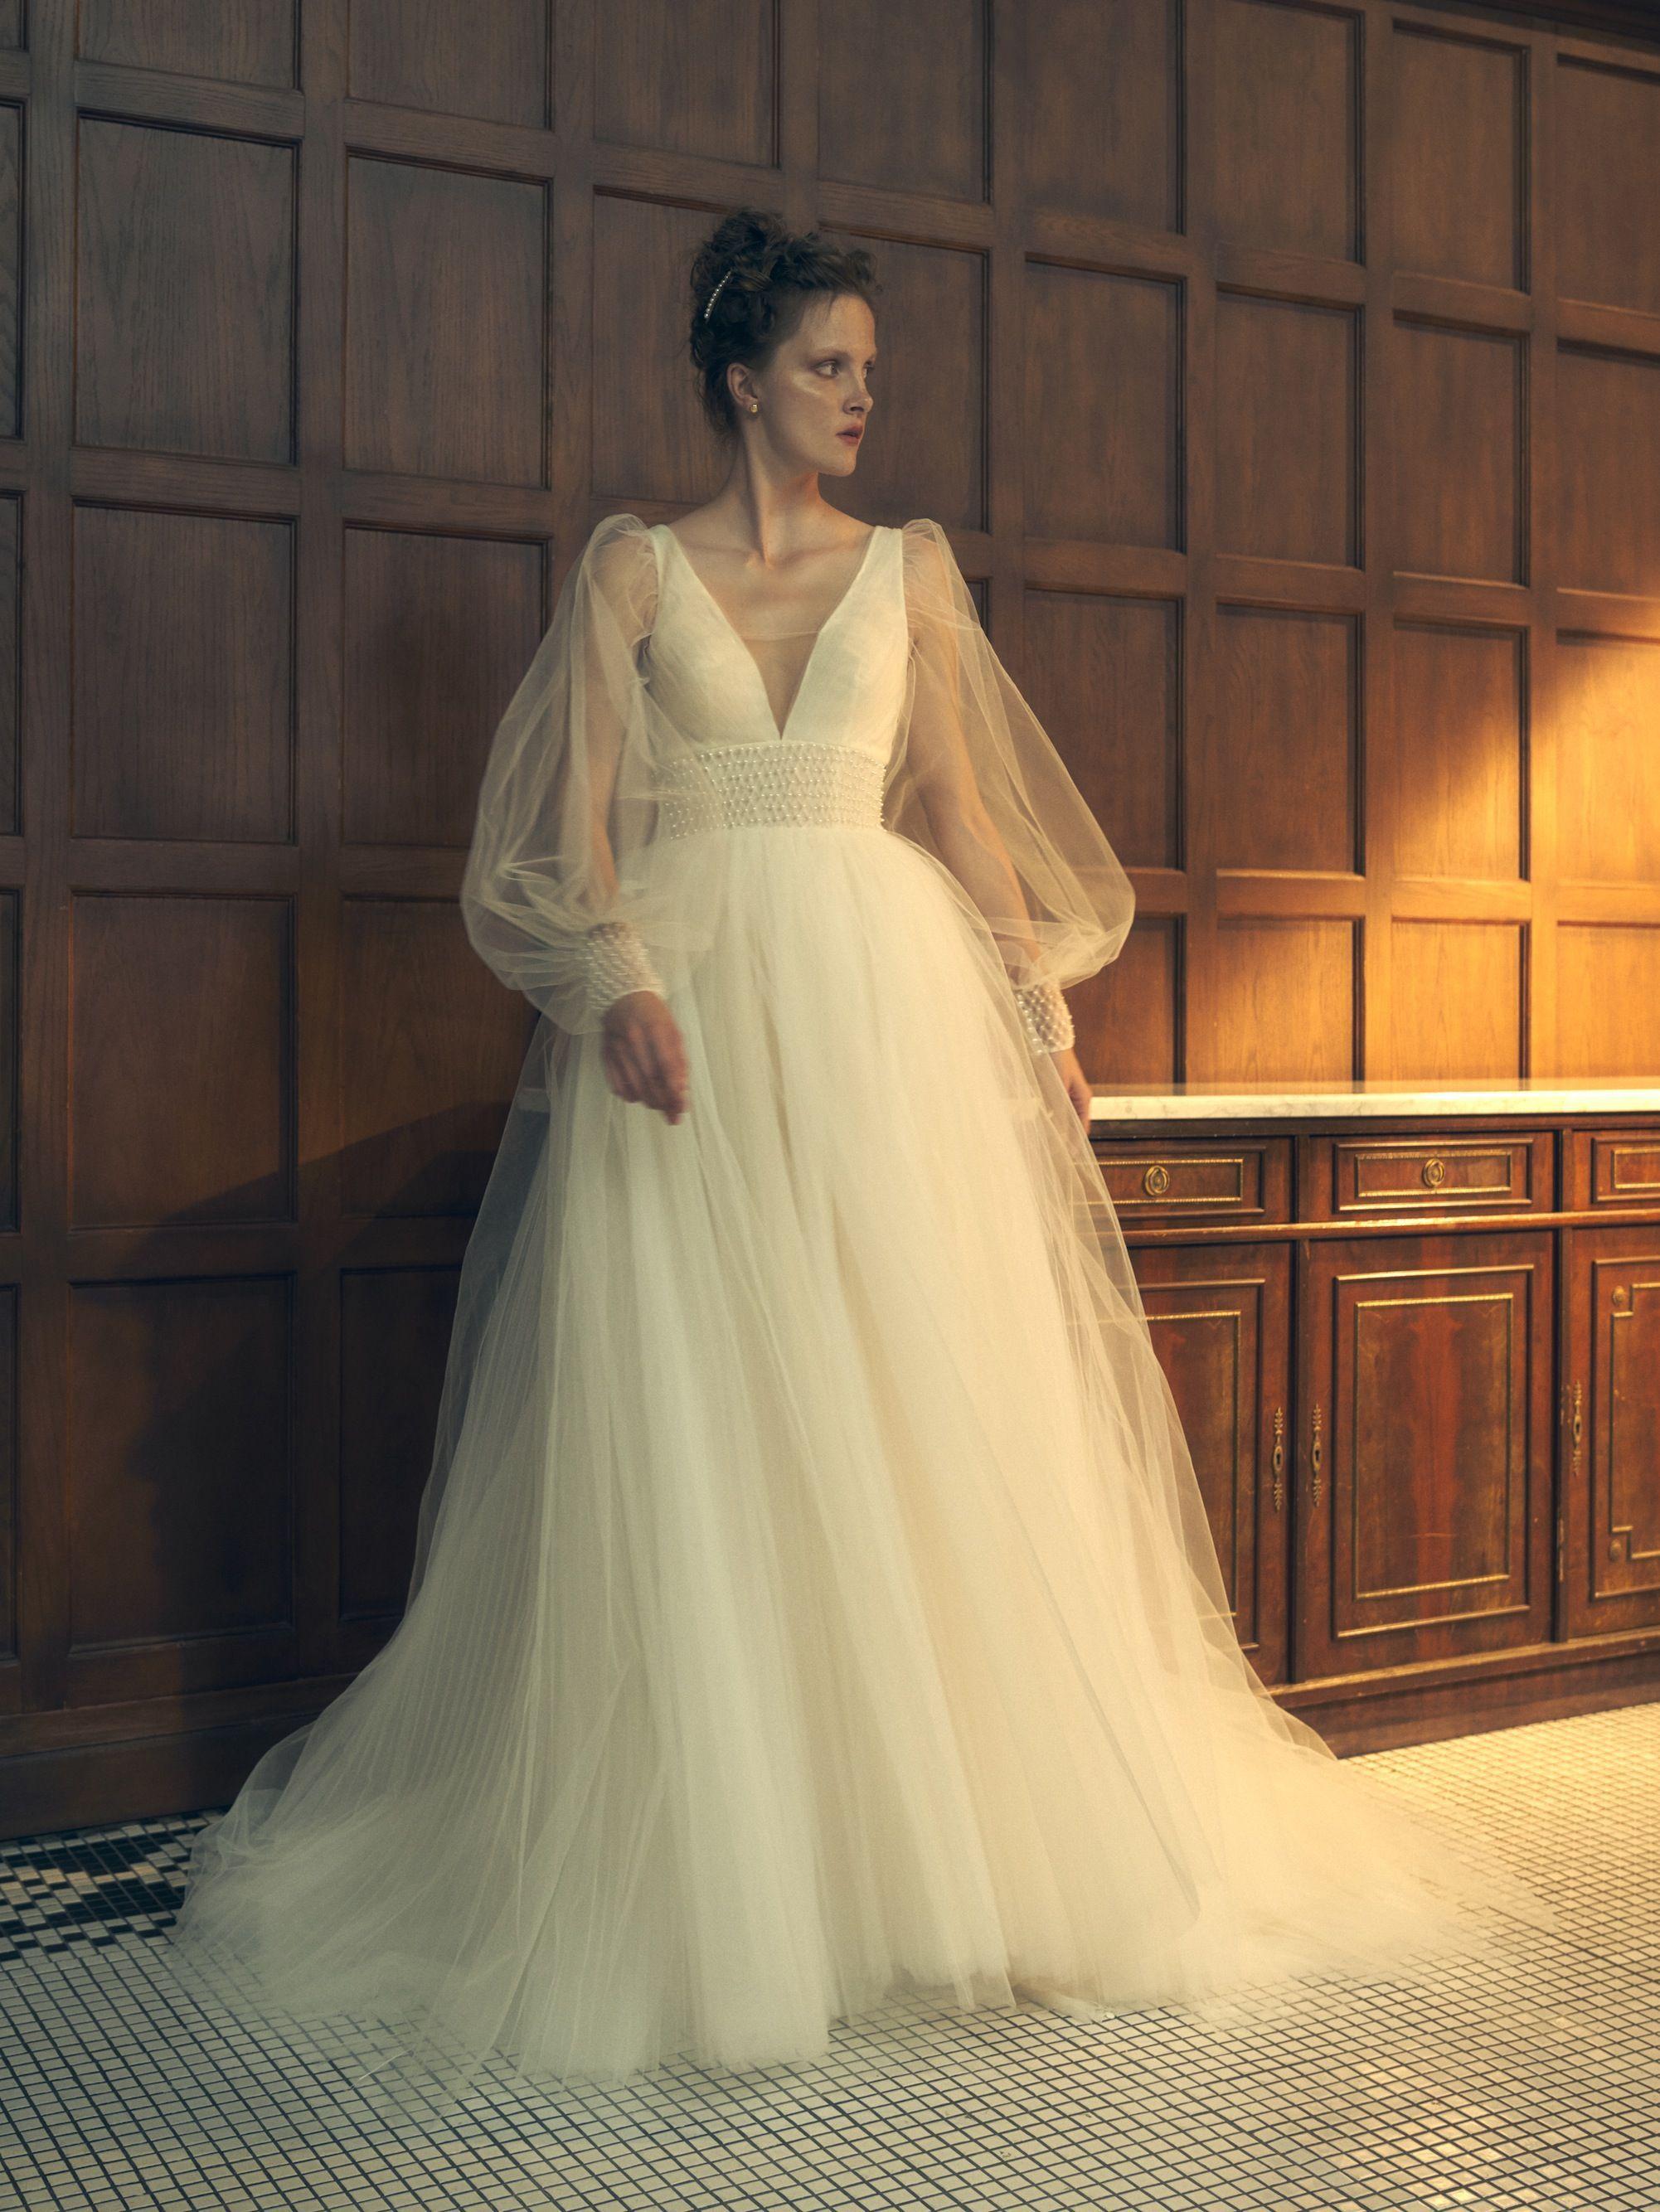 Poetic Wedding Dress Poet Sleeve Wedding Dress Wedding Dresses Prom Dresses With Sleeves [ 2668 x 2002 Pixel ]